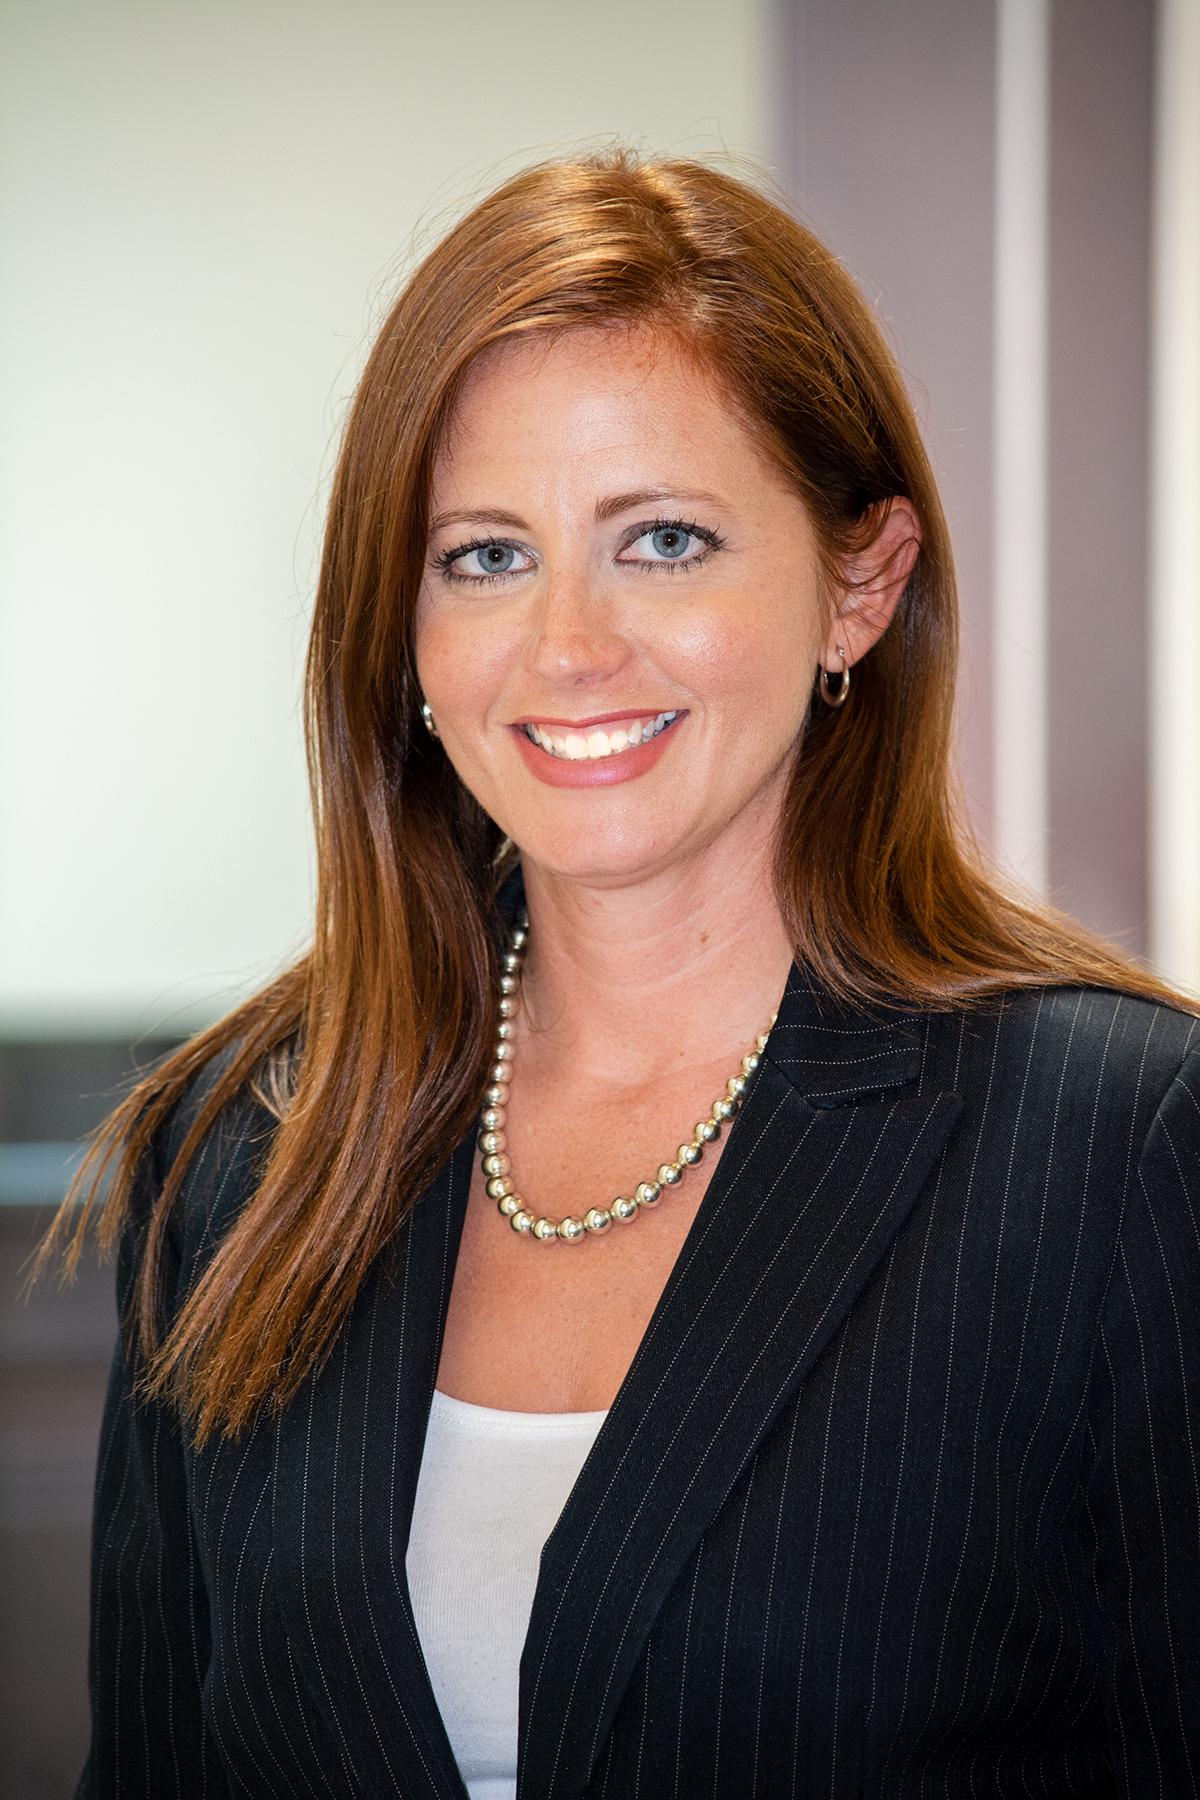 Stephanie Goldsborough District Court Judge Nominee